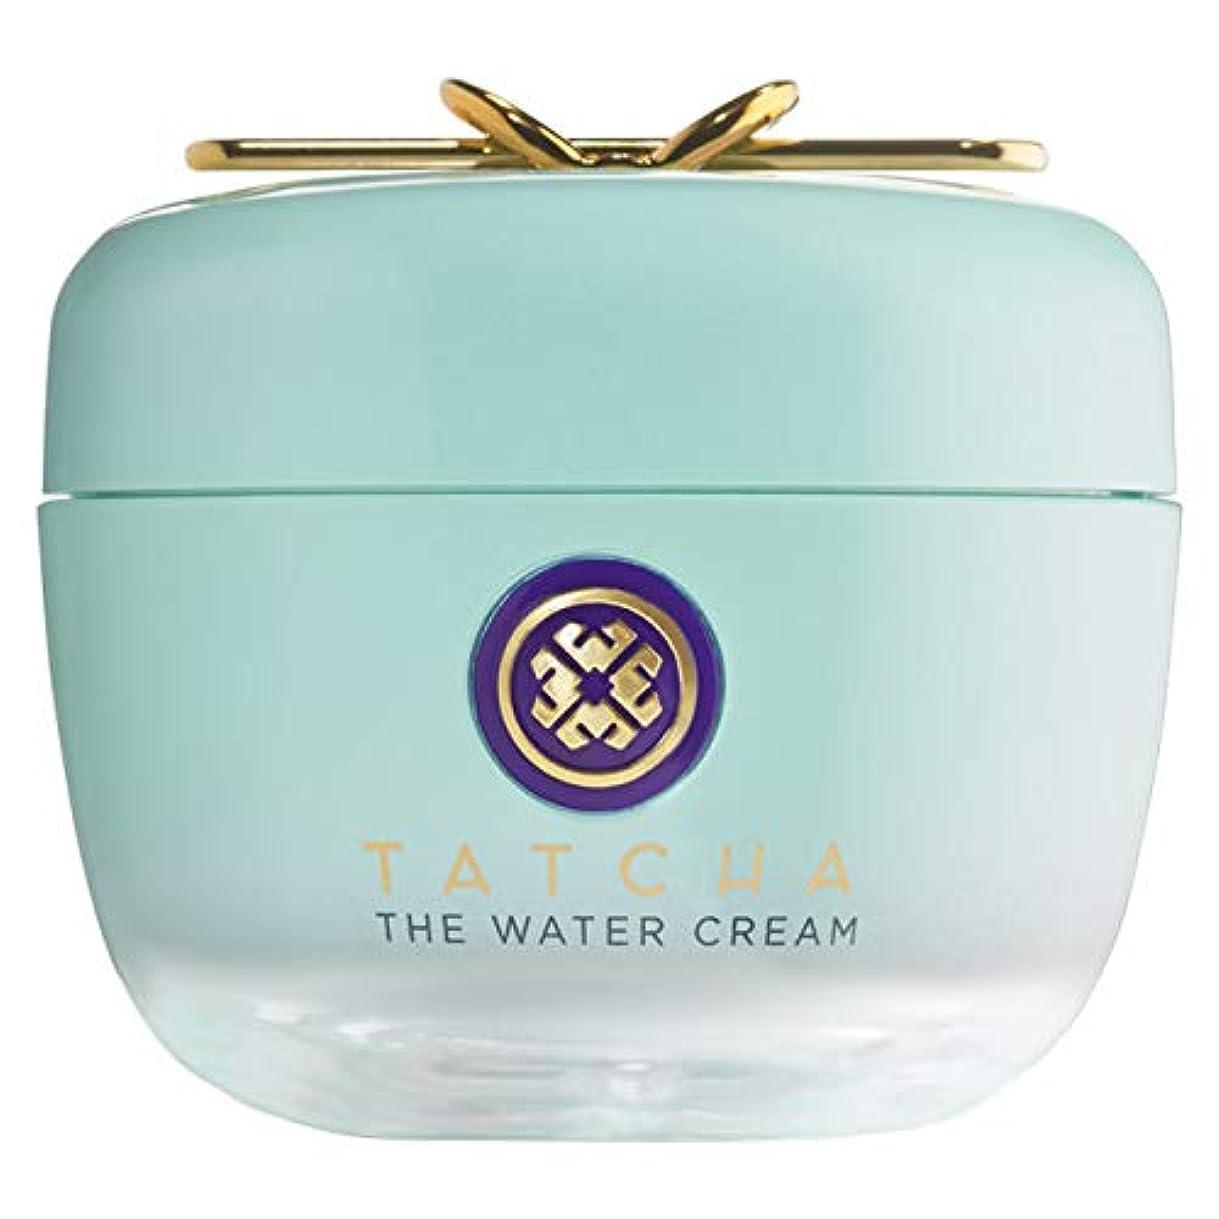 ドールダルセット不良TATCHA The Water Cream 50ml タチャ ウォータークリーム